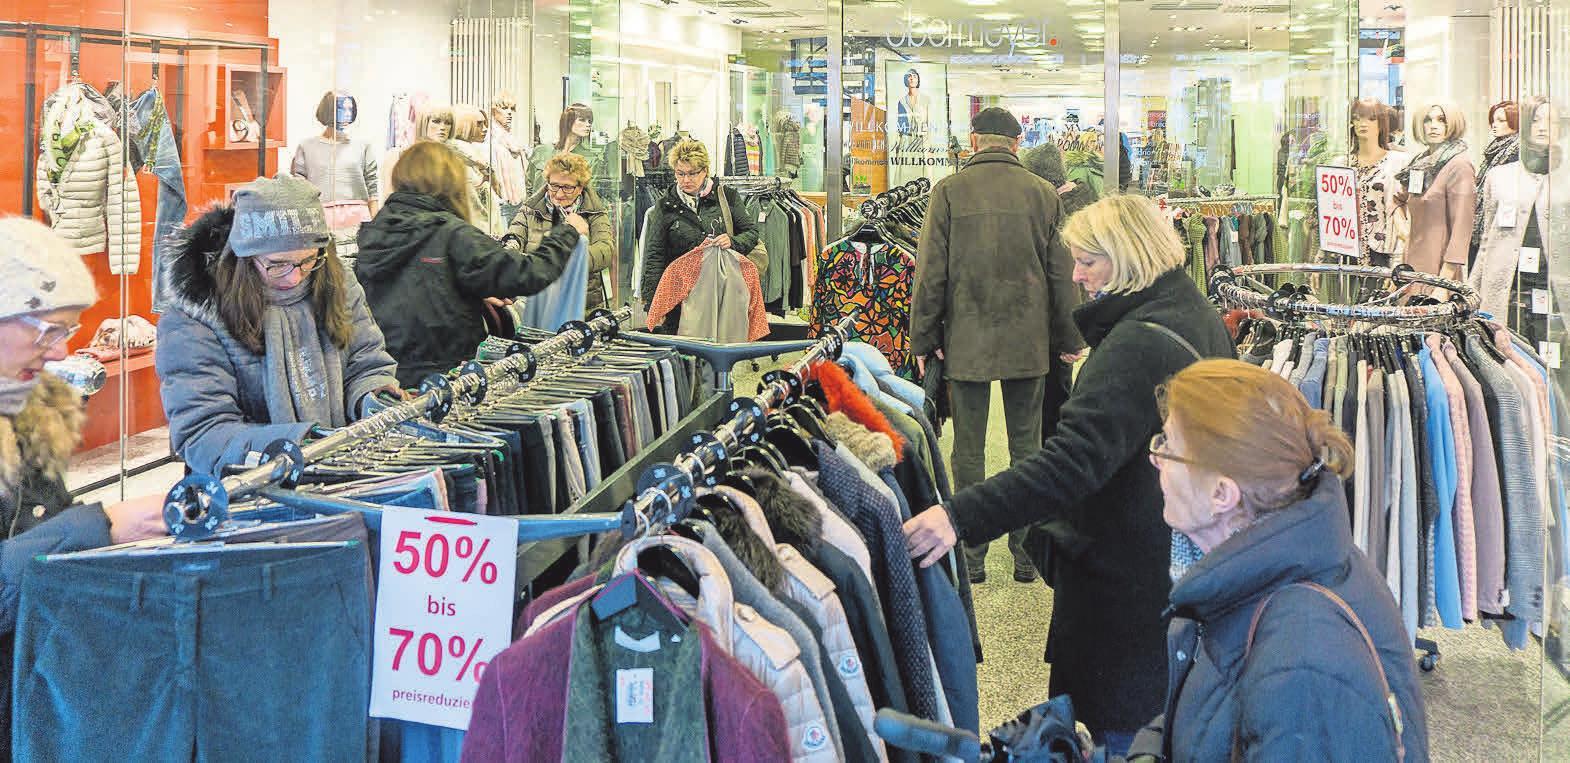 Staunen, Stöbern und Shoppen – die Geschäfte haben am Verkaufsoffenen Sonntag von 13 bis 18 Uhr geöffnet.